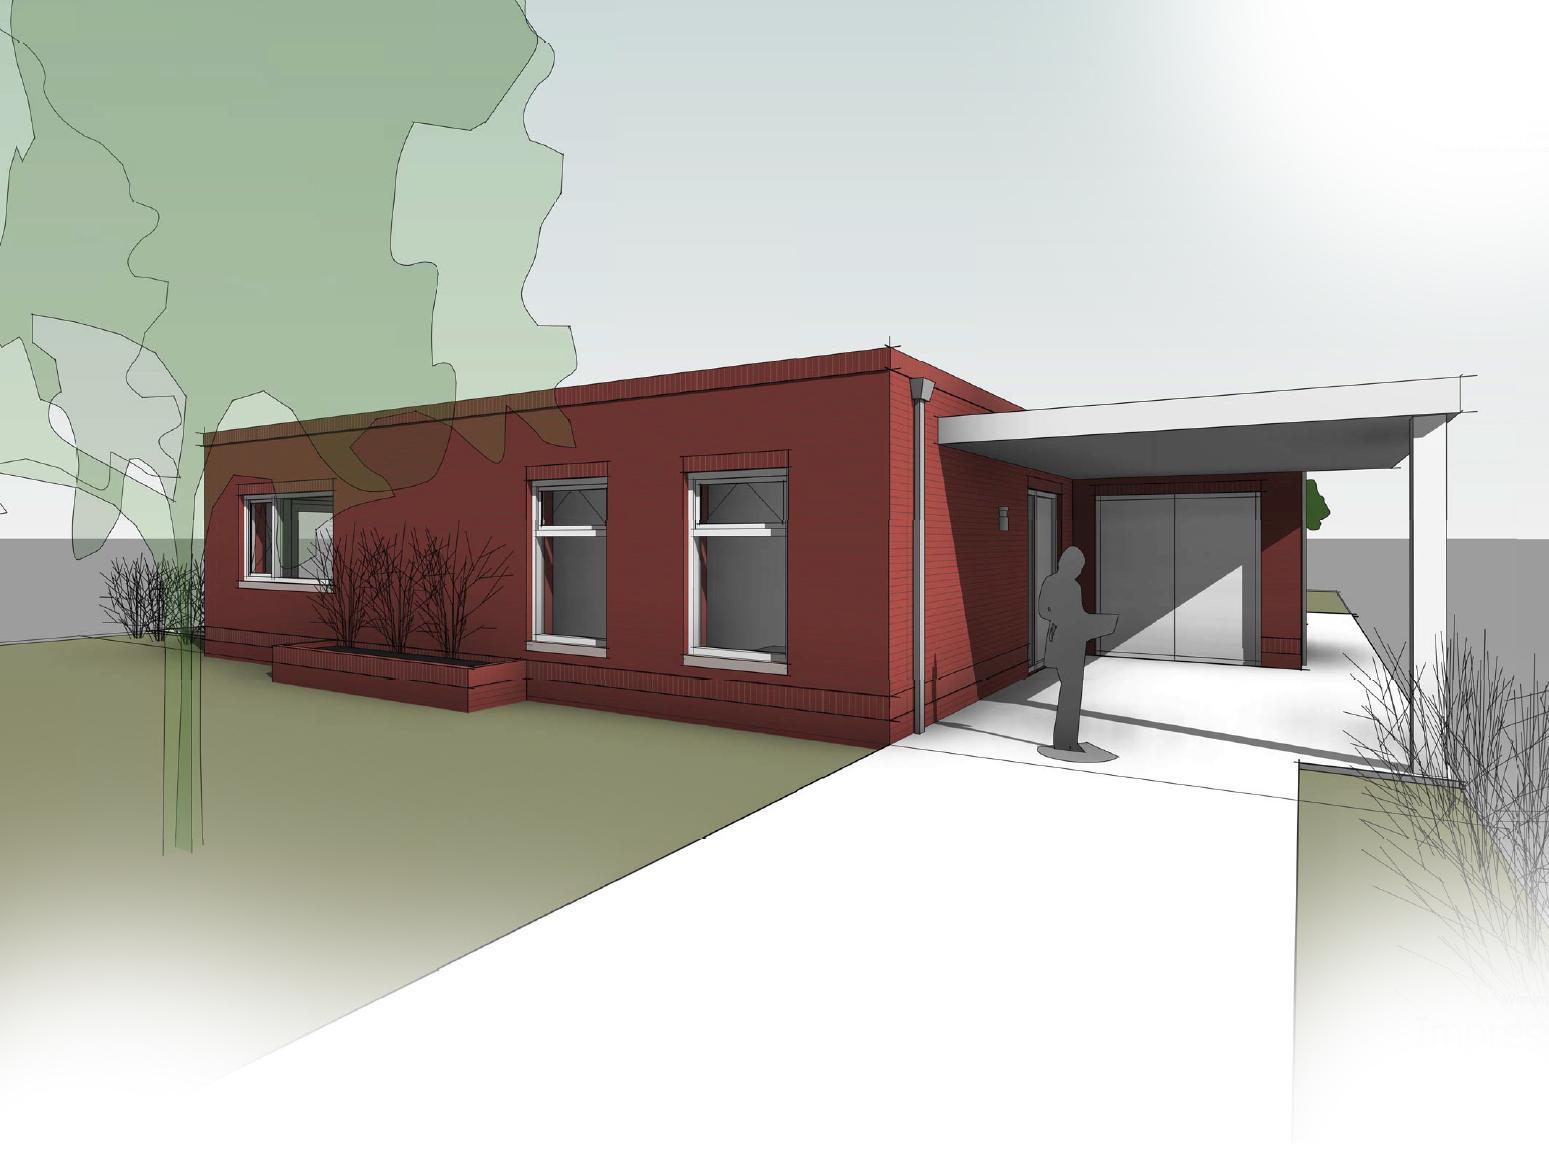 levensloopbestendigewoning-platdak-nieuw-buinen-van-oord-architectuur-en-design-wenum-wiesel-architect-voorst-architect-apeldoorn